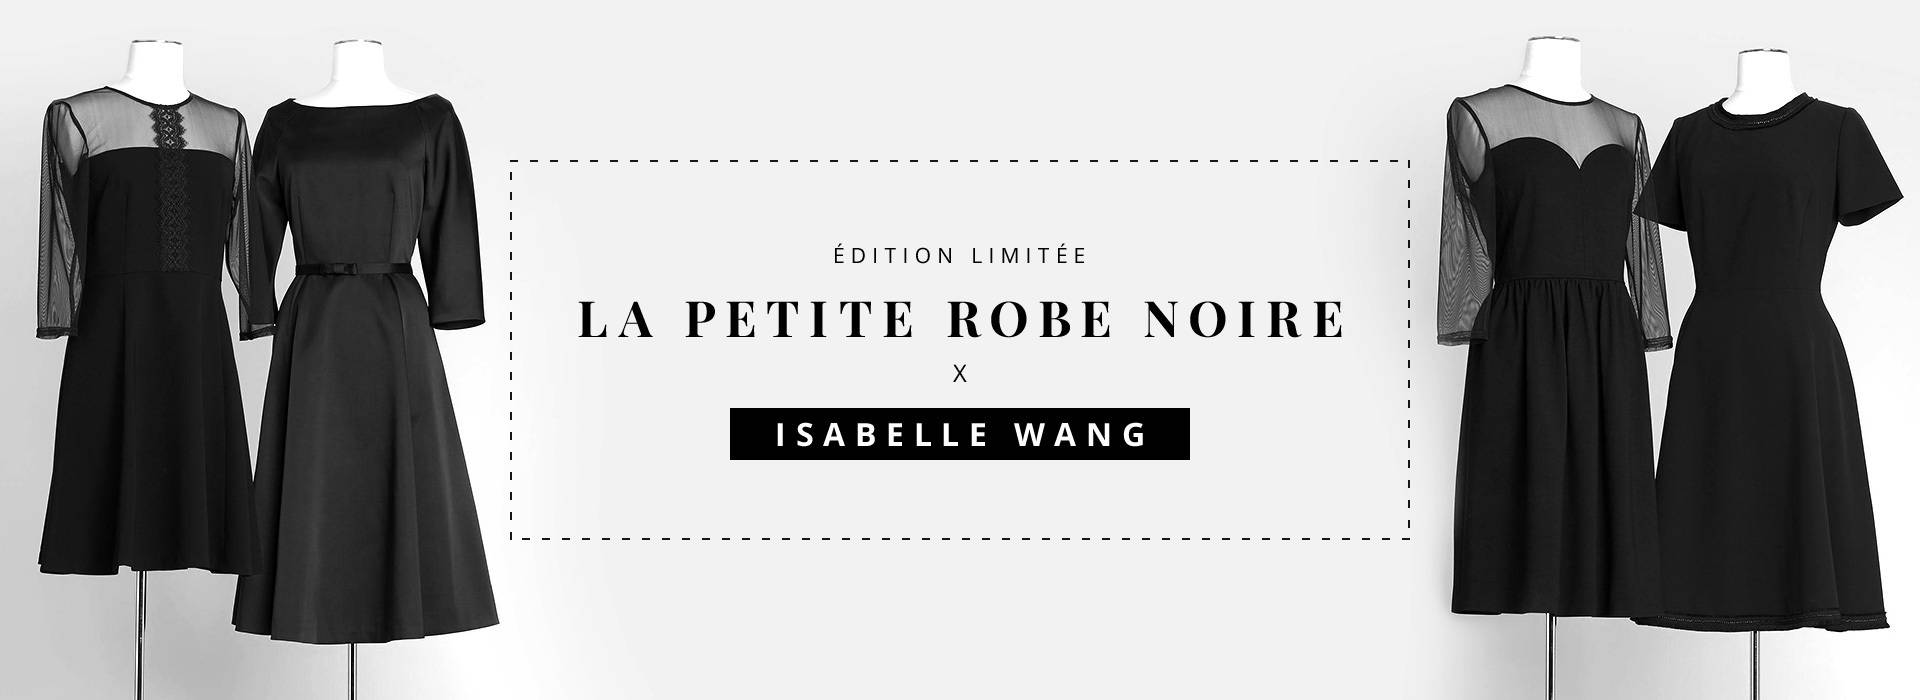 Edition Limitée La Petite Robe Noire Maison Cent Vingt-Trois